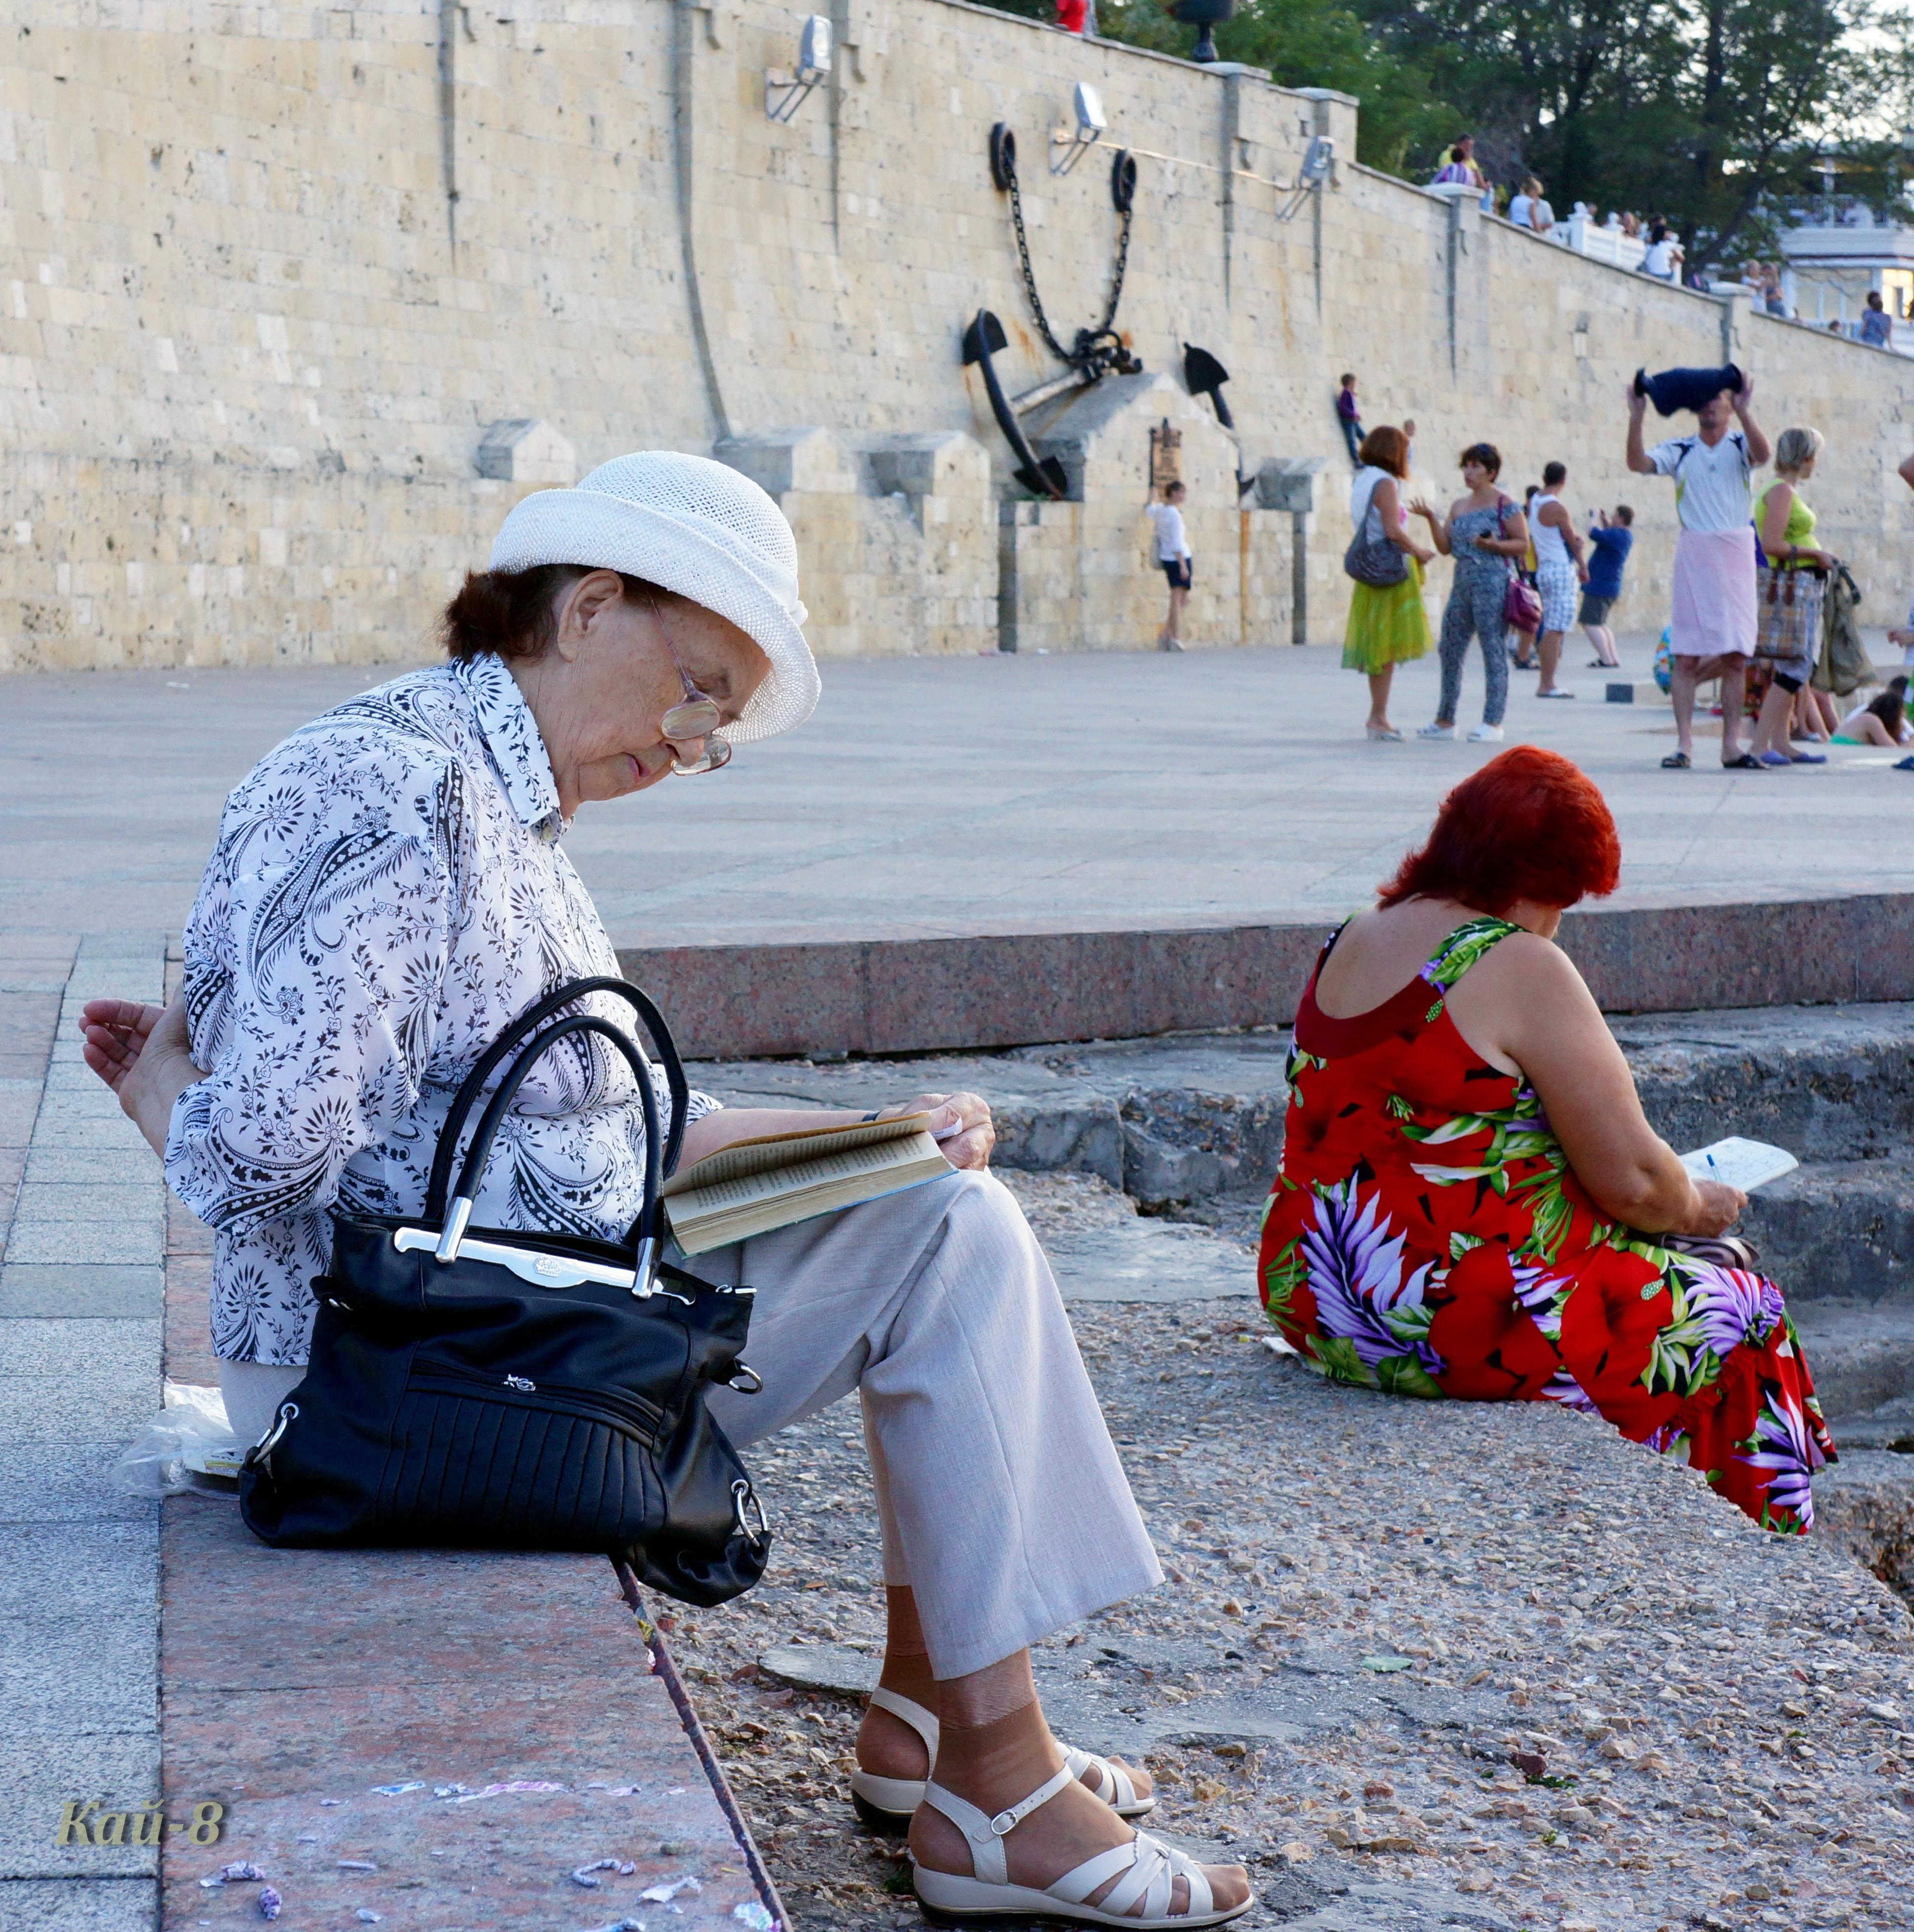 http://img-fotki.yandex.ru/get/6504/128723033.44/0_89b74_77739619_orig